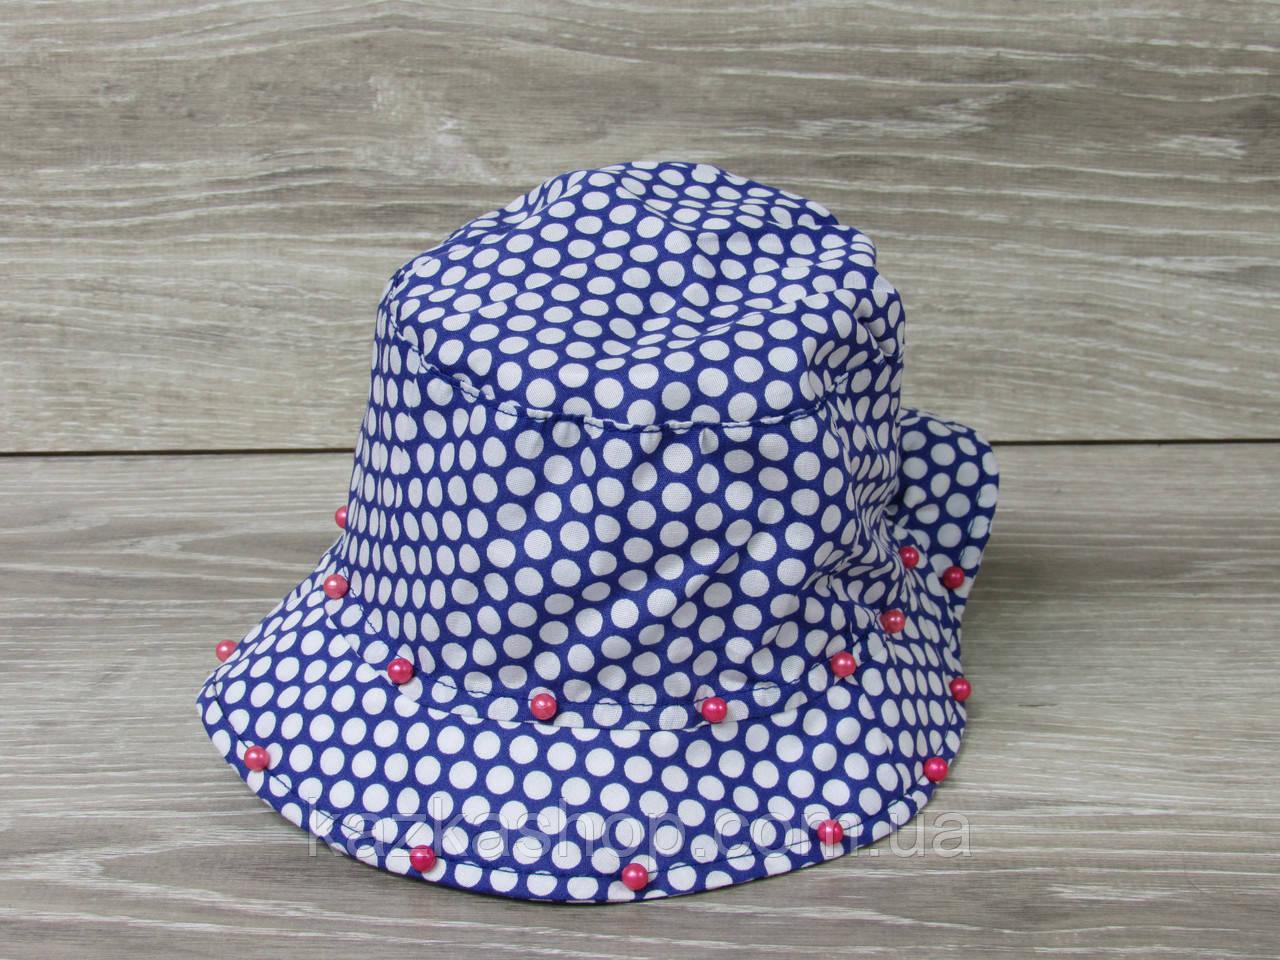 Детская панама, шляпка для девочек в горошек с бусинками, 100% хлопок, размер 46-48